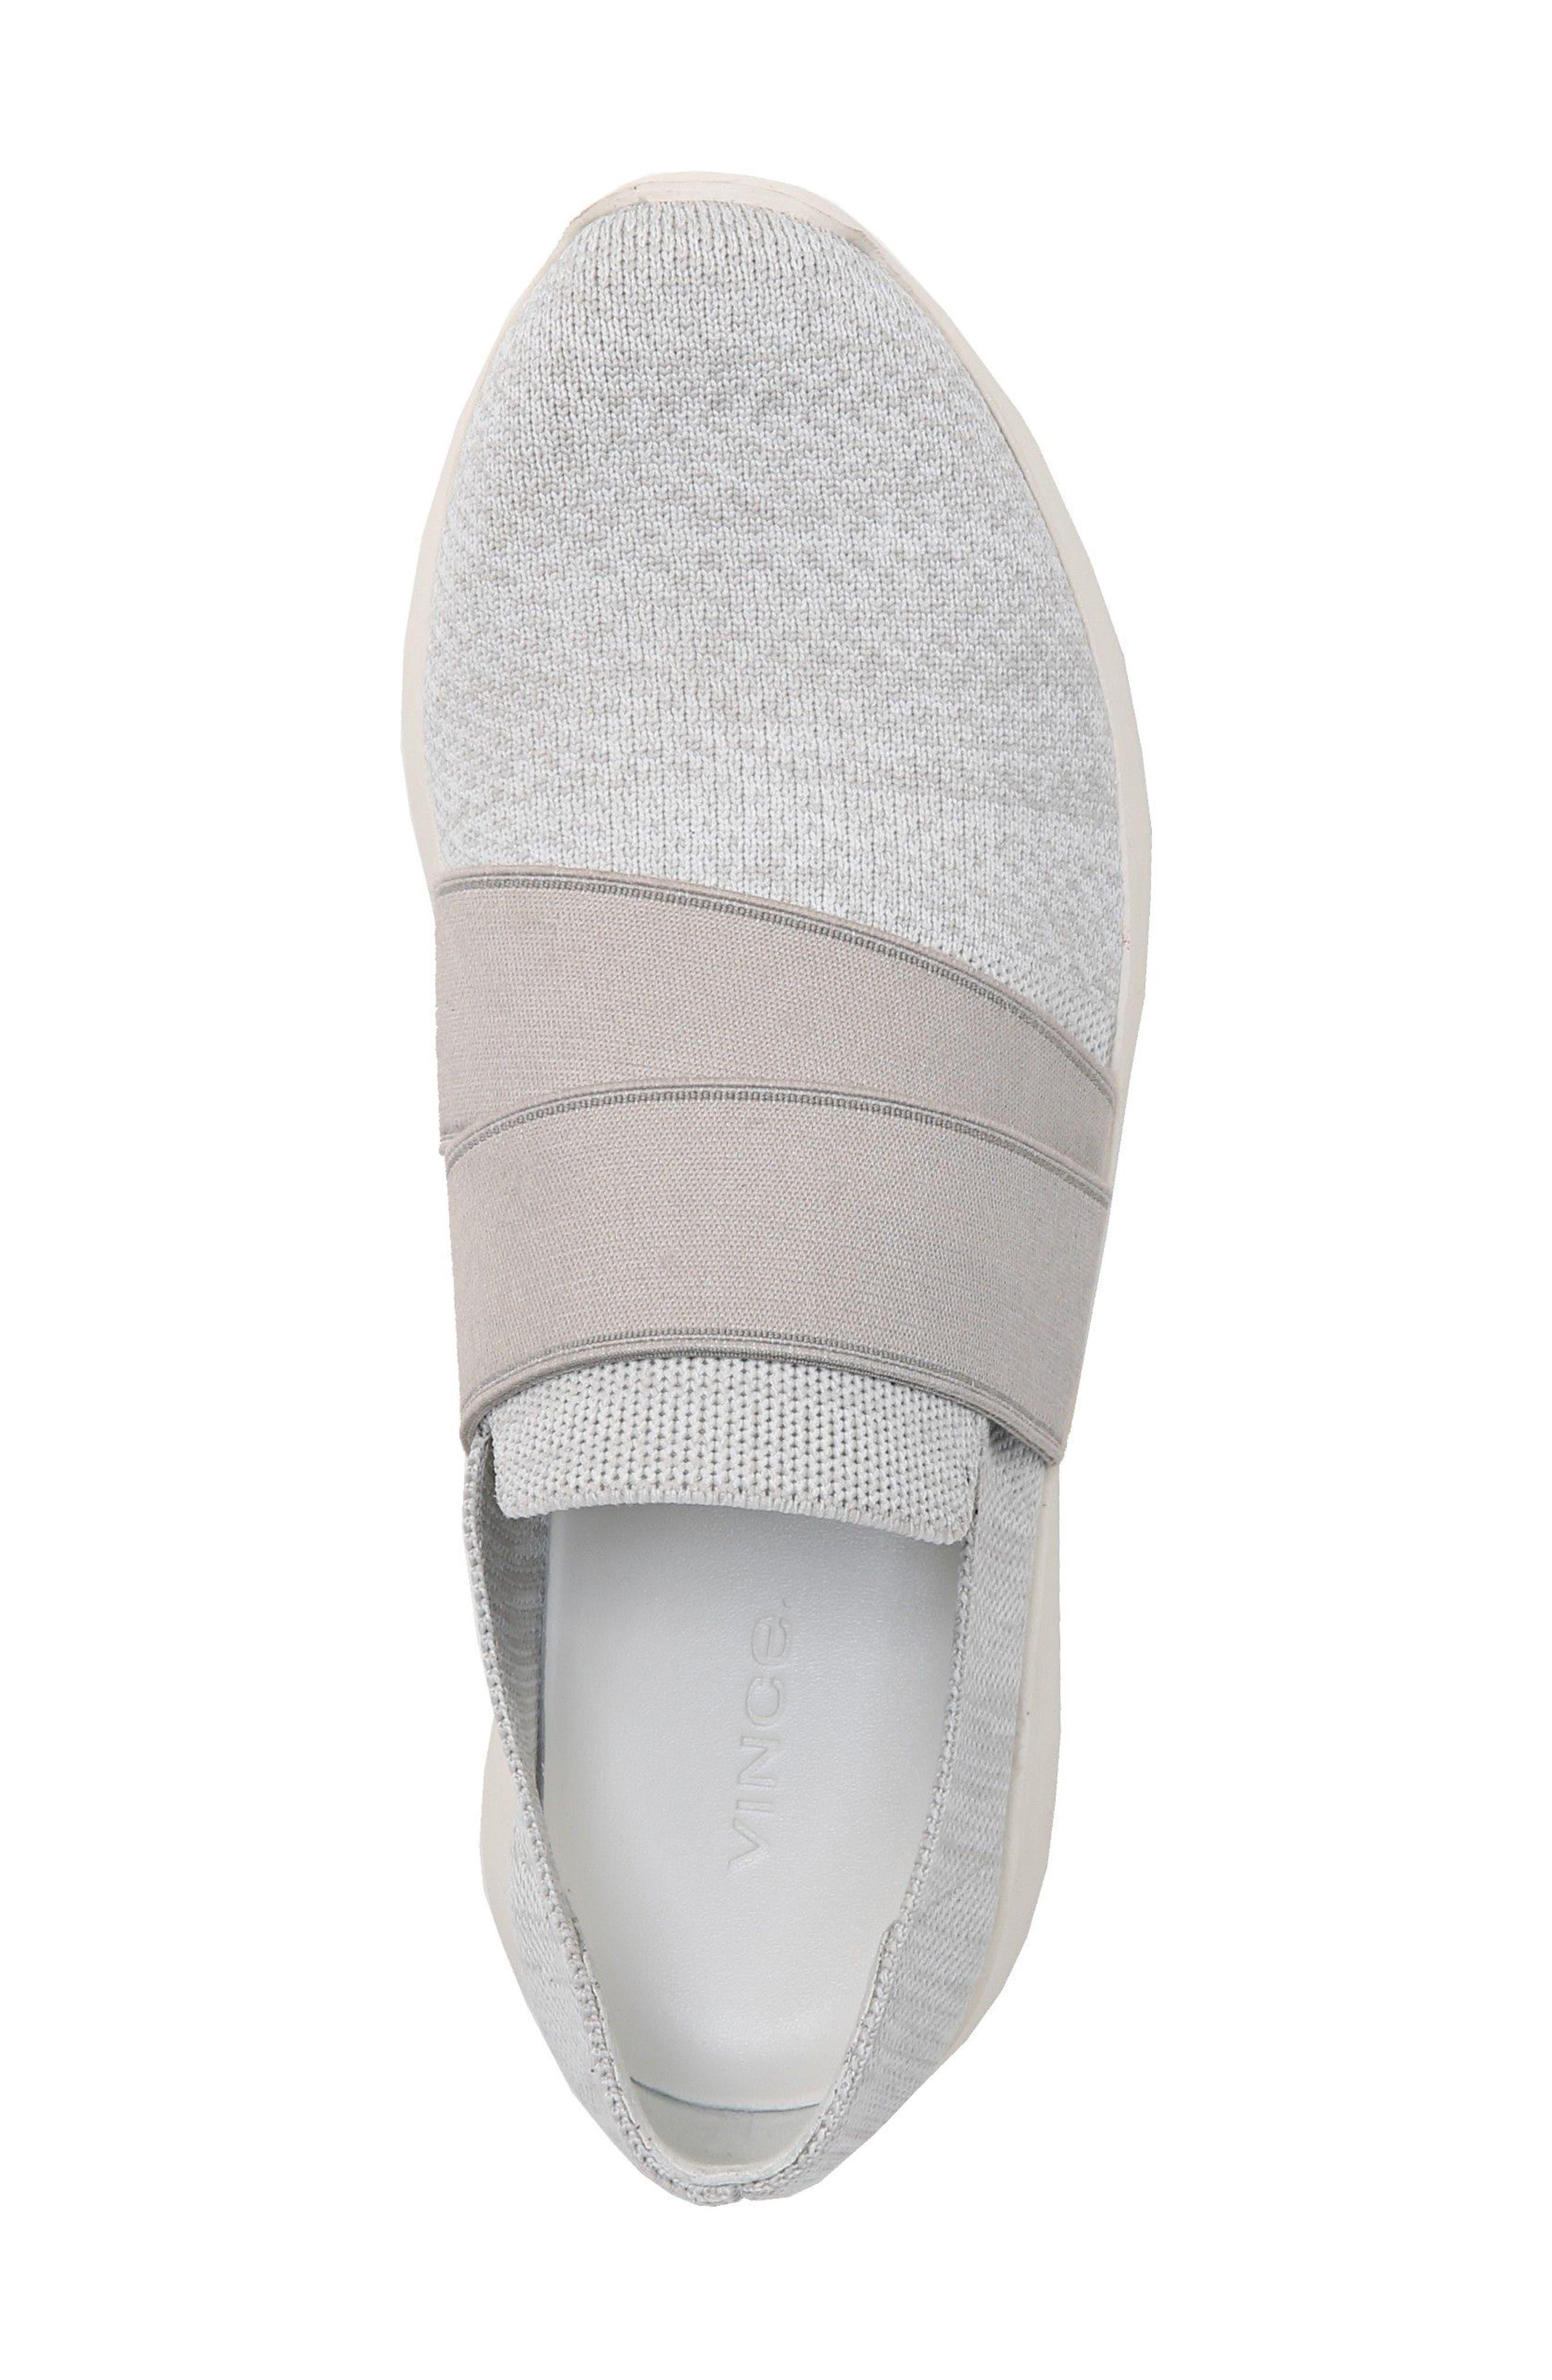 Aston Slip-On Sneaker,                             Alternate thumbnail 4, color,                             White/ Grey Marled Knit